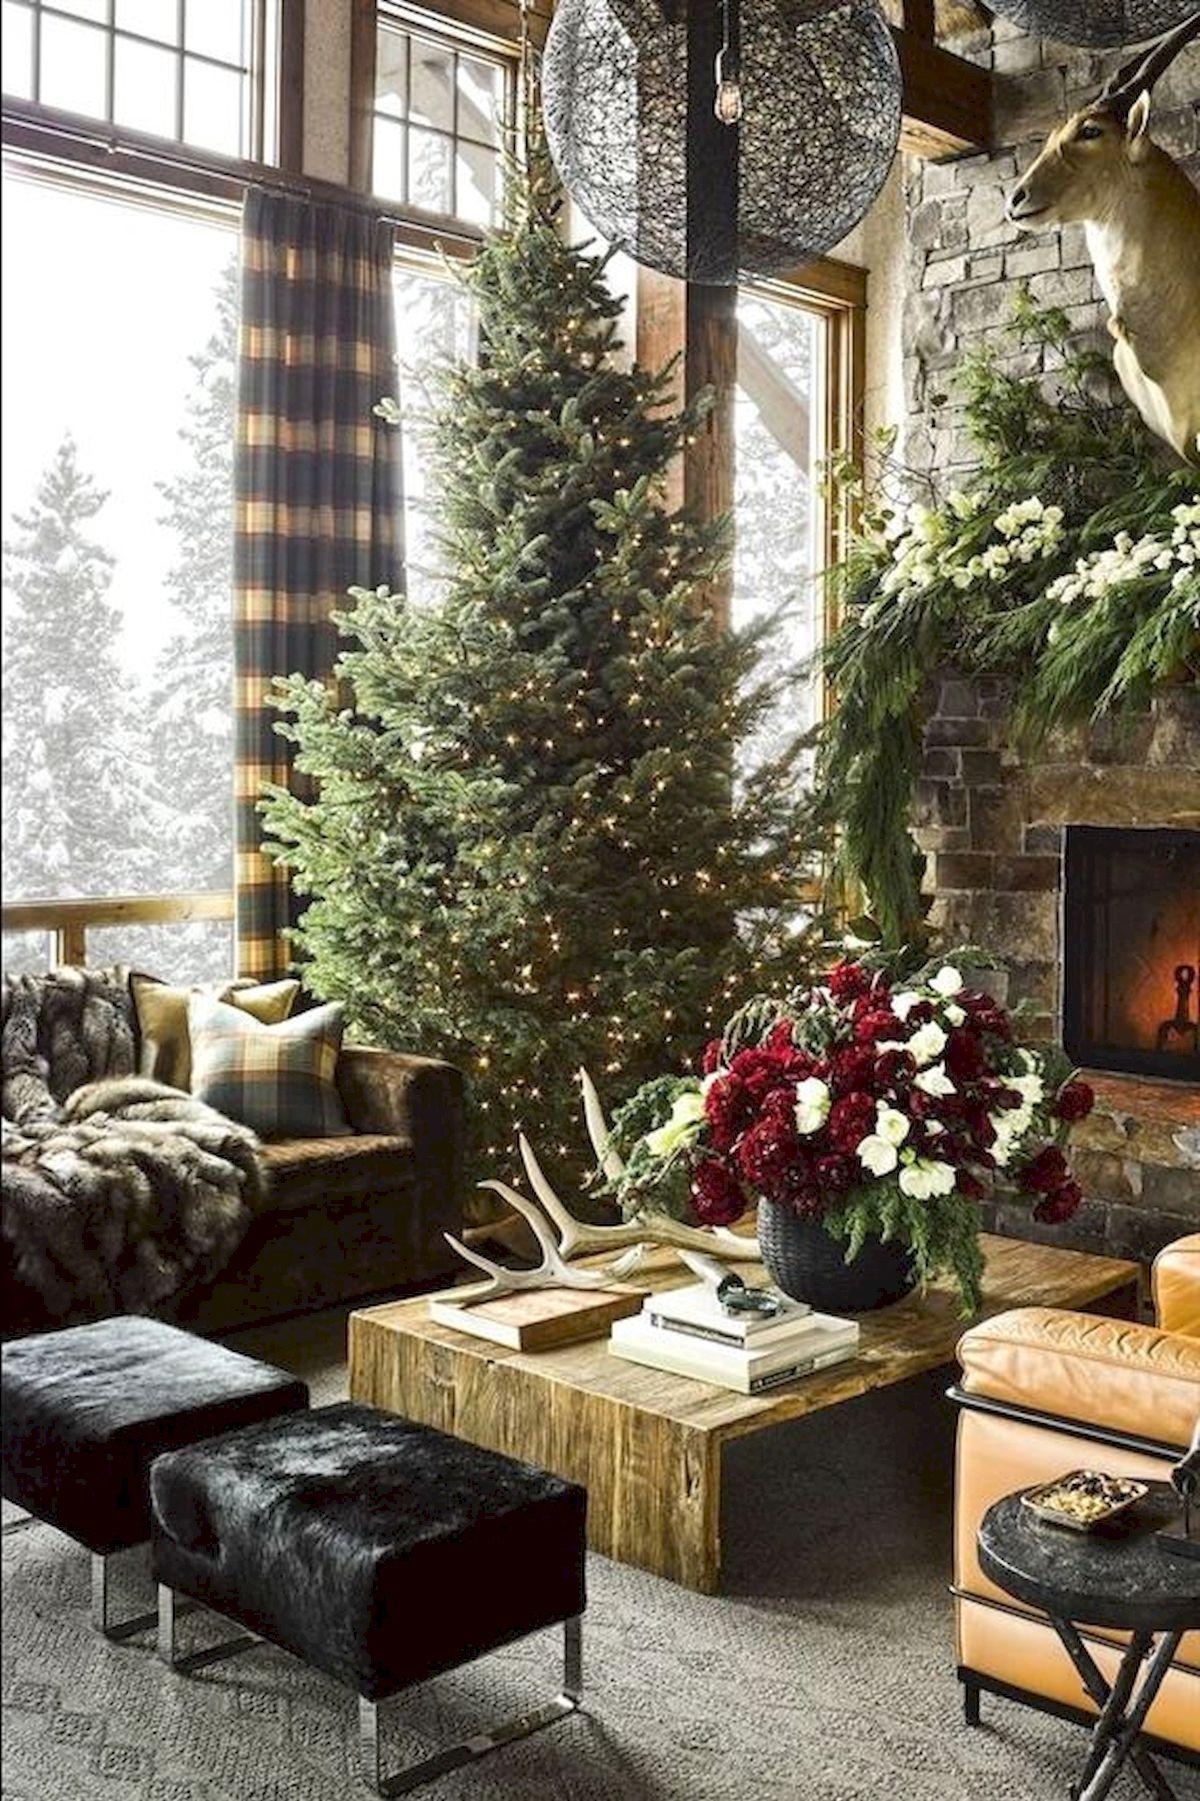 Décoration de Noël rustique.